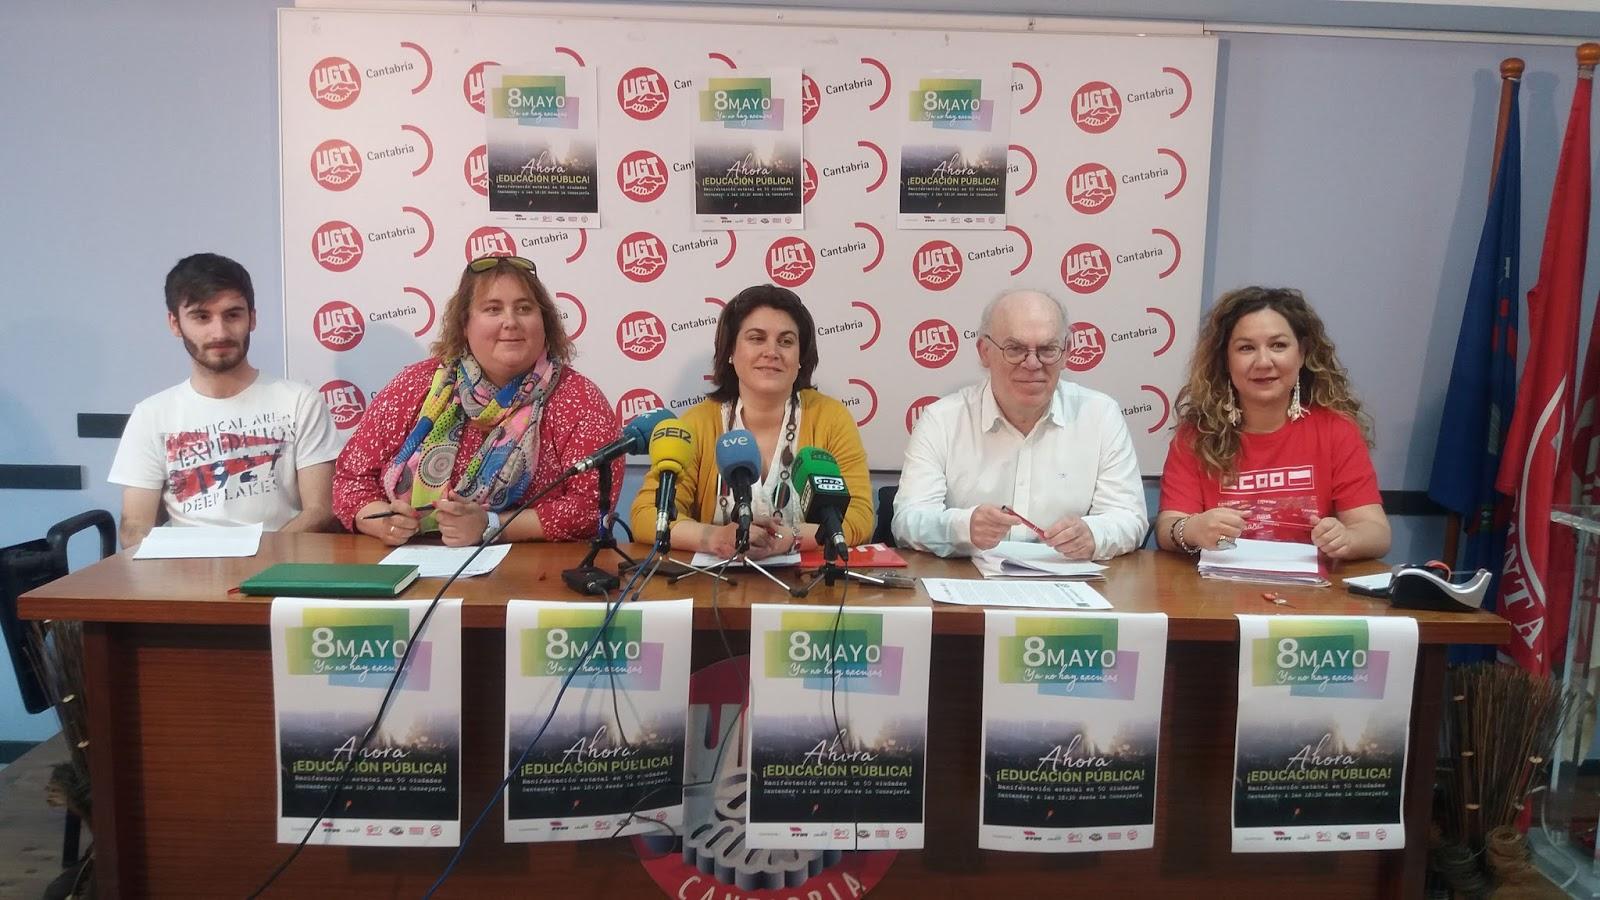 Torrelavega, cruce de caminos: Santander: La comunidad educativa ...